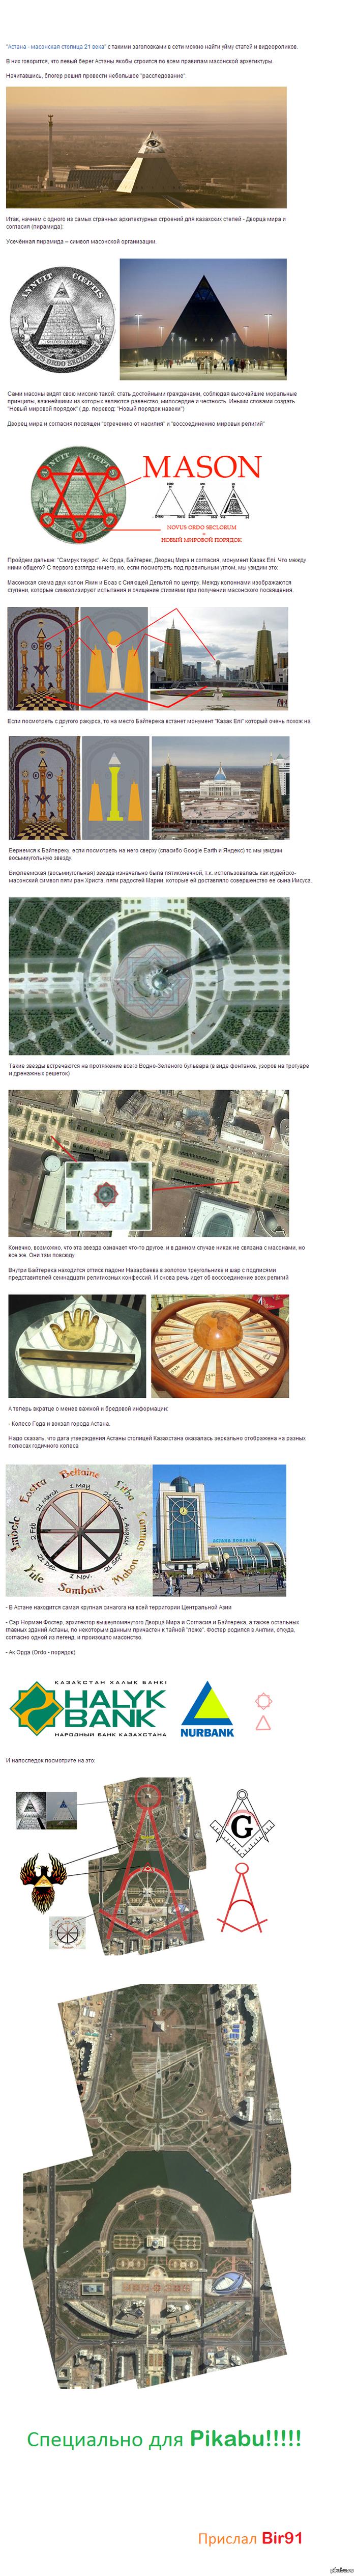 Астана-масонская столица 21 века Приветствую вас, пикабушники!!! Недавно рылся в интернете и наткнулся на интересную для меня инфу. Вот и запилил свой первый длиннопост, сильно не пинайте)))